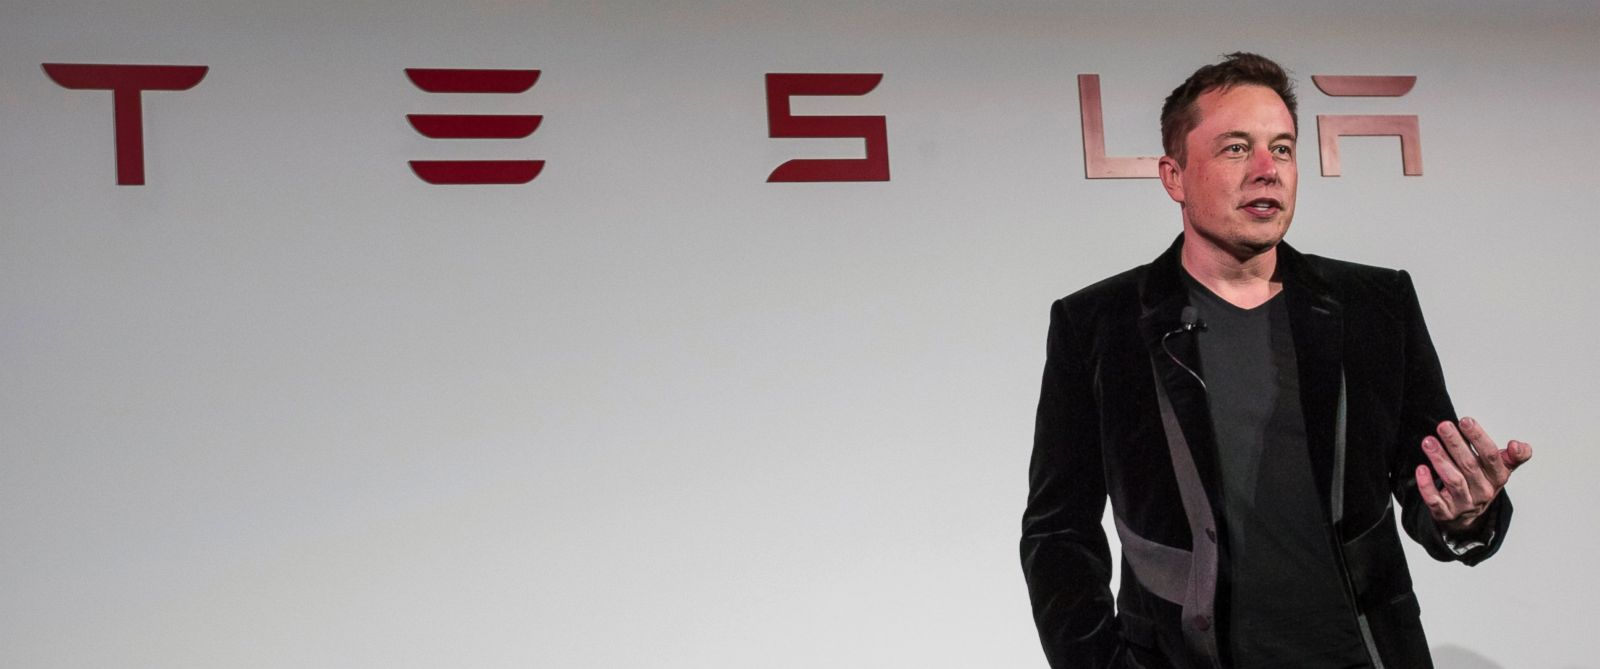 Elon Musk: Visionario, CEO, empresario y ahora, al servicio del Presidente de los Estados Unidos